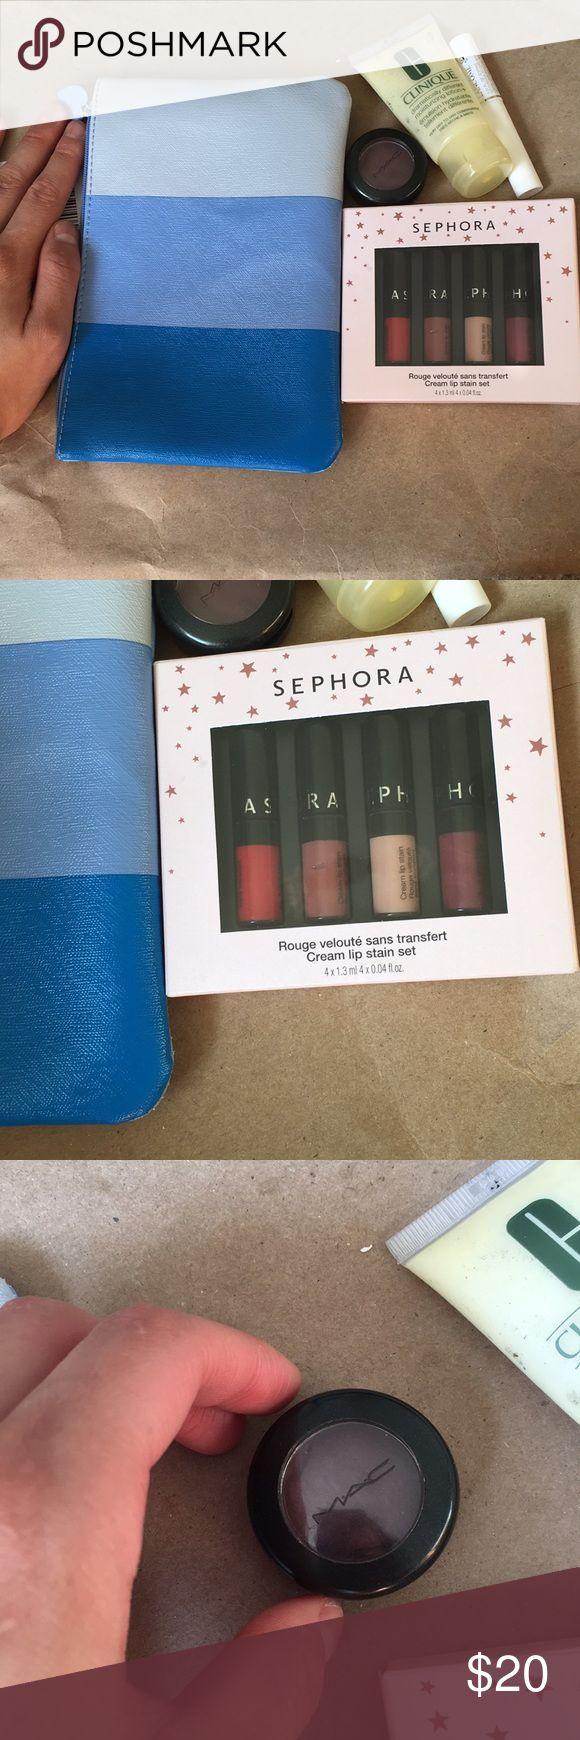 Sephora MAC Lancôme Clinique Makeup Beauty Bundle Price is